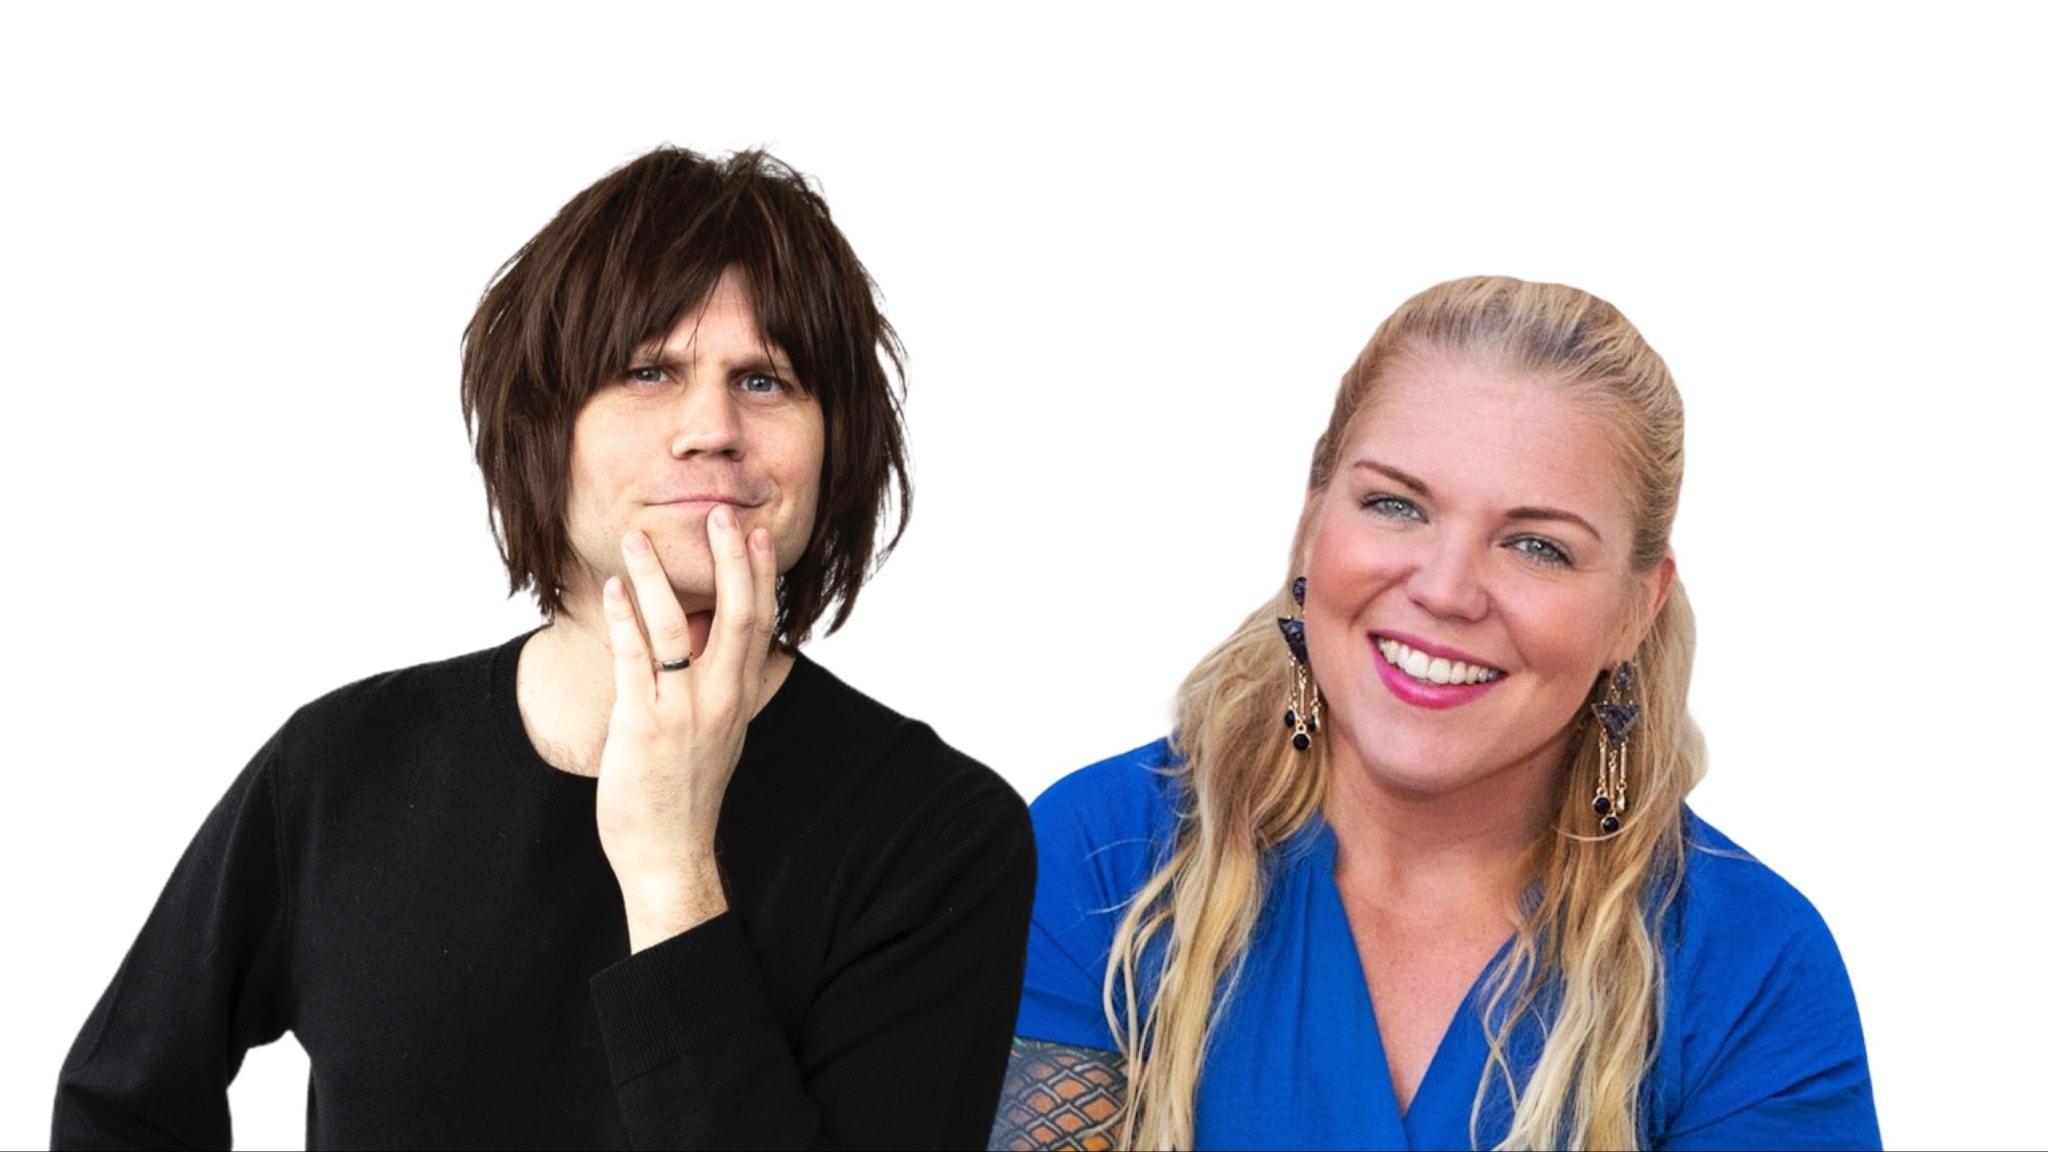 En man med brunt halvlångt hår och svart tröja och en kvinna i blå tröja med långt ljust hår.